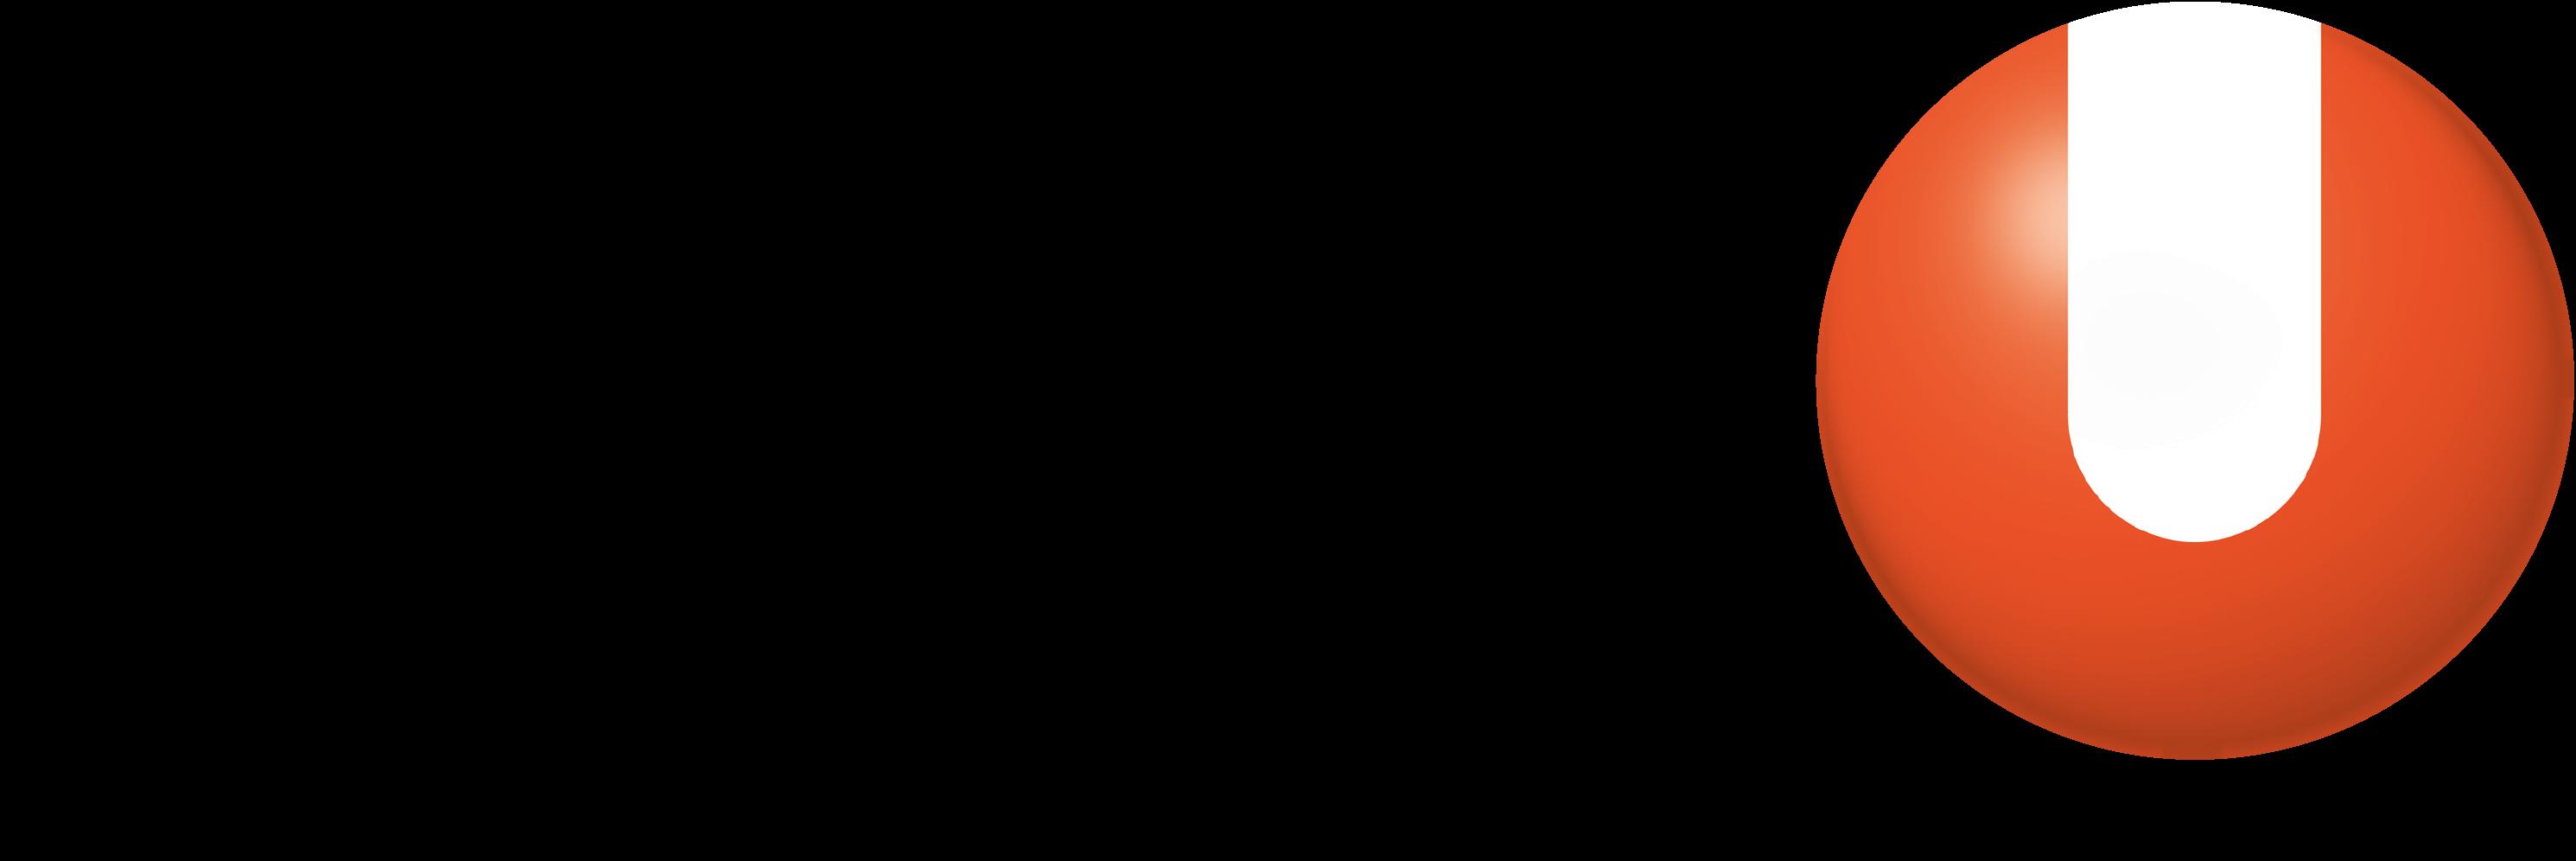 Sportunion Reichenthal